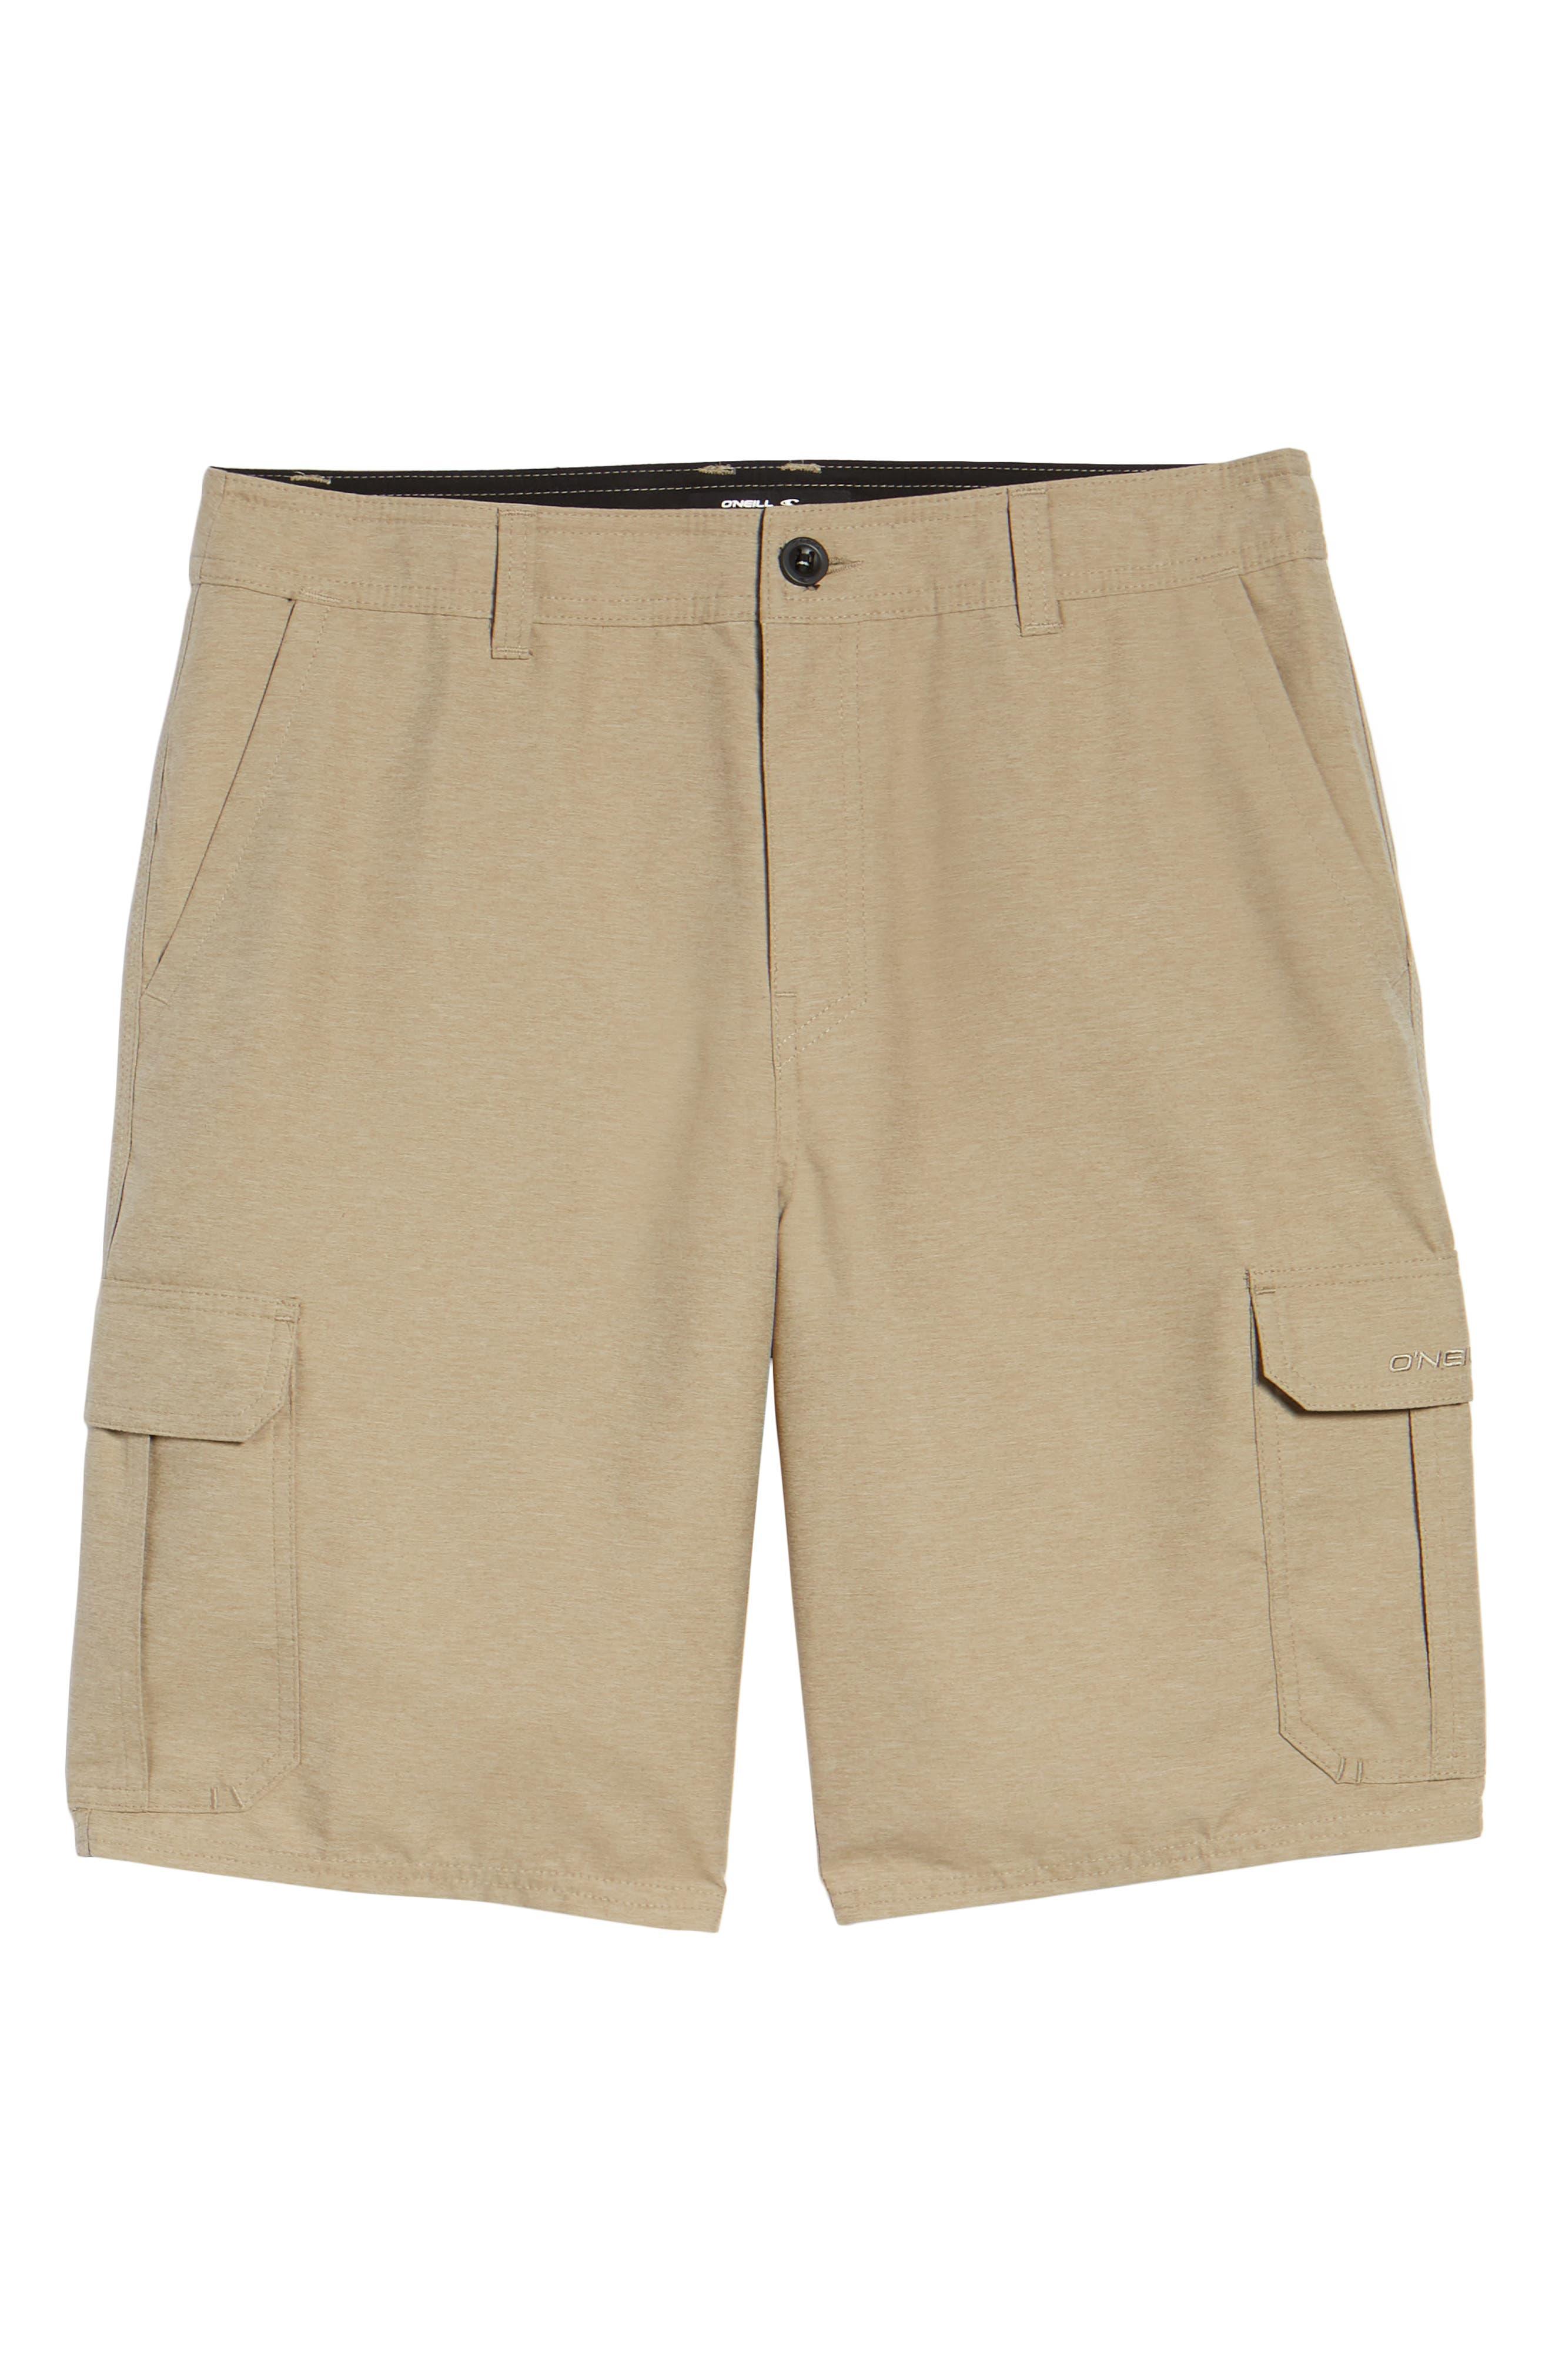 Ranger Cargo Hybrid Shorts,                             Alternate thumbnail 16, color,